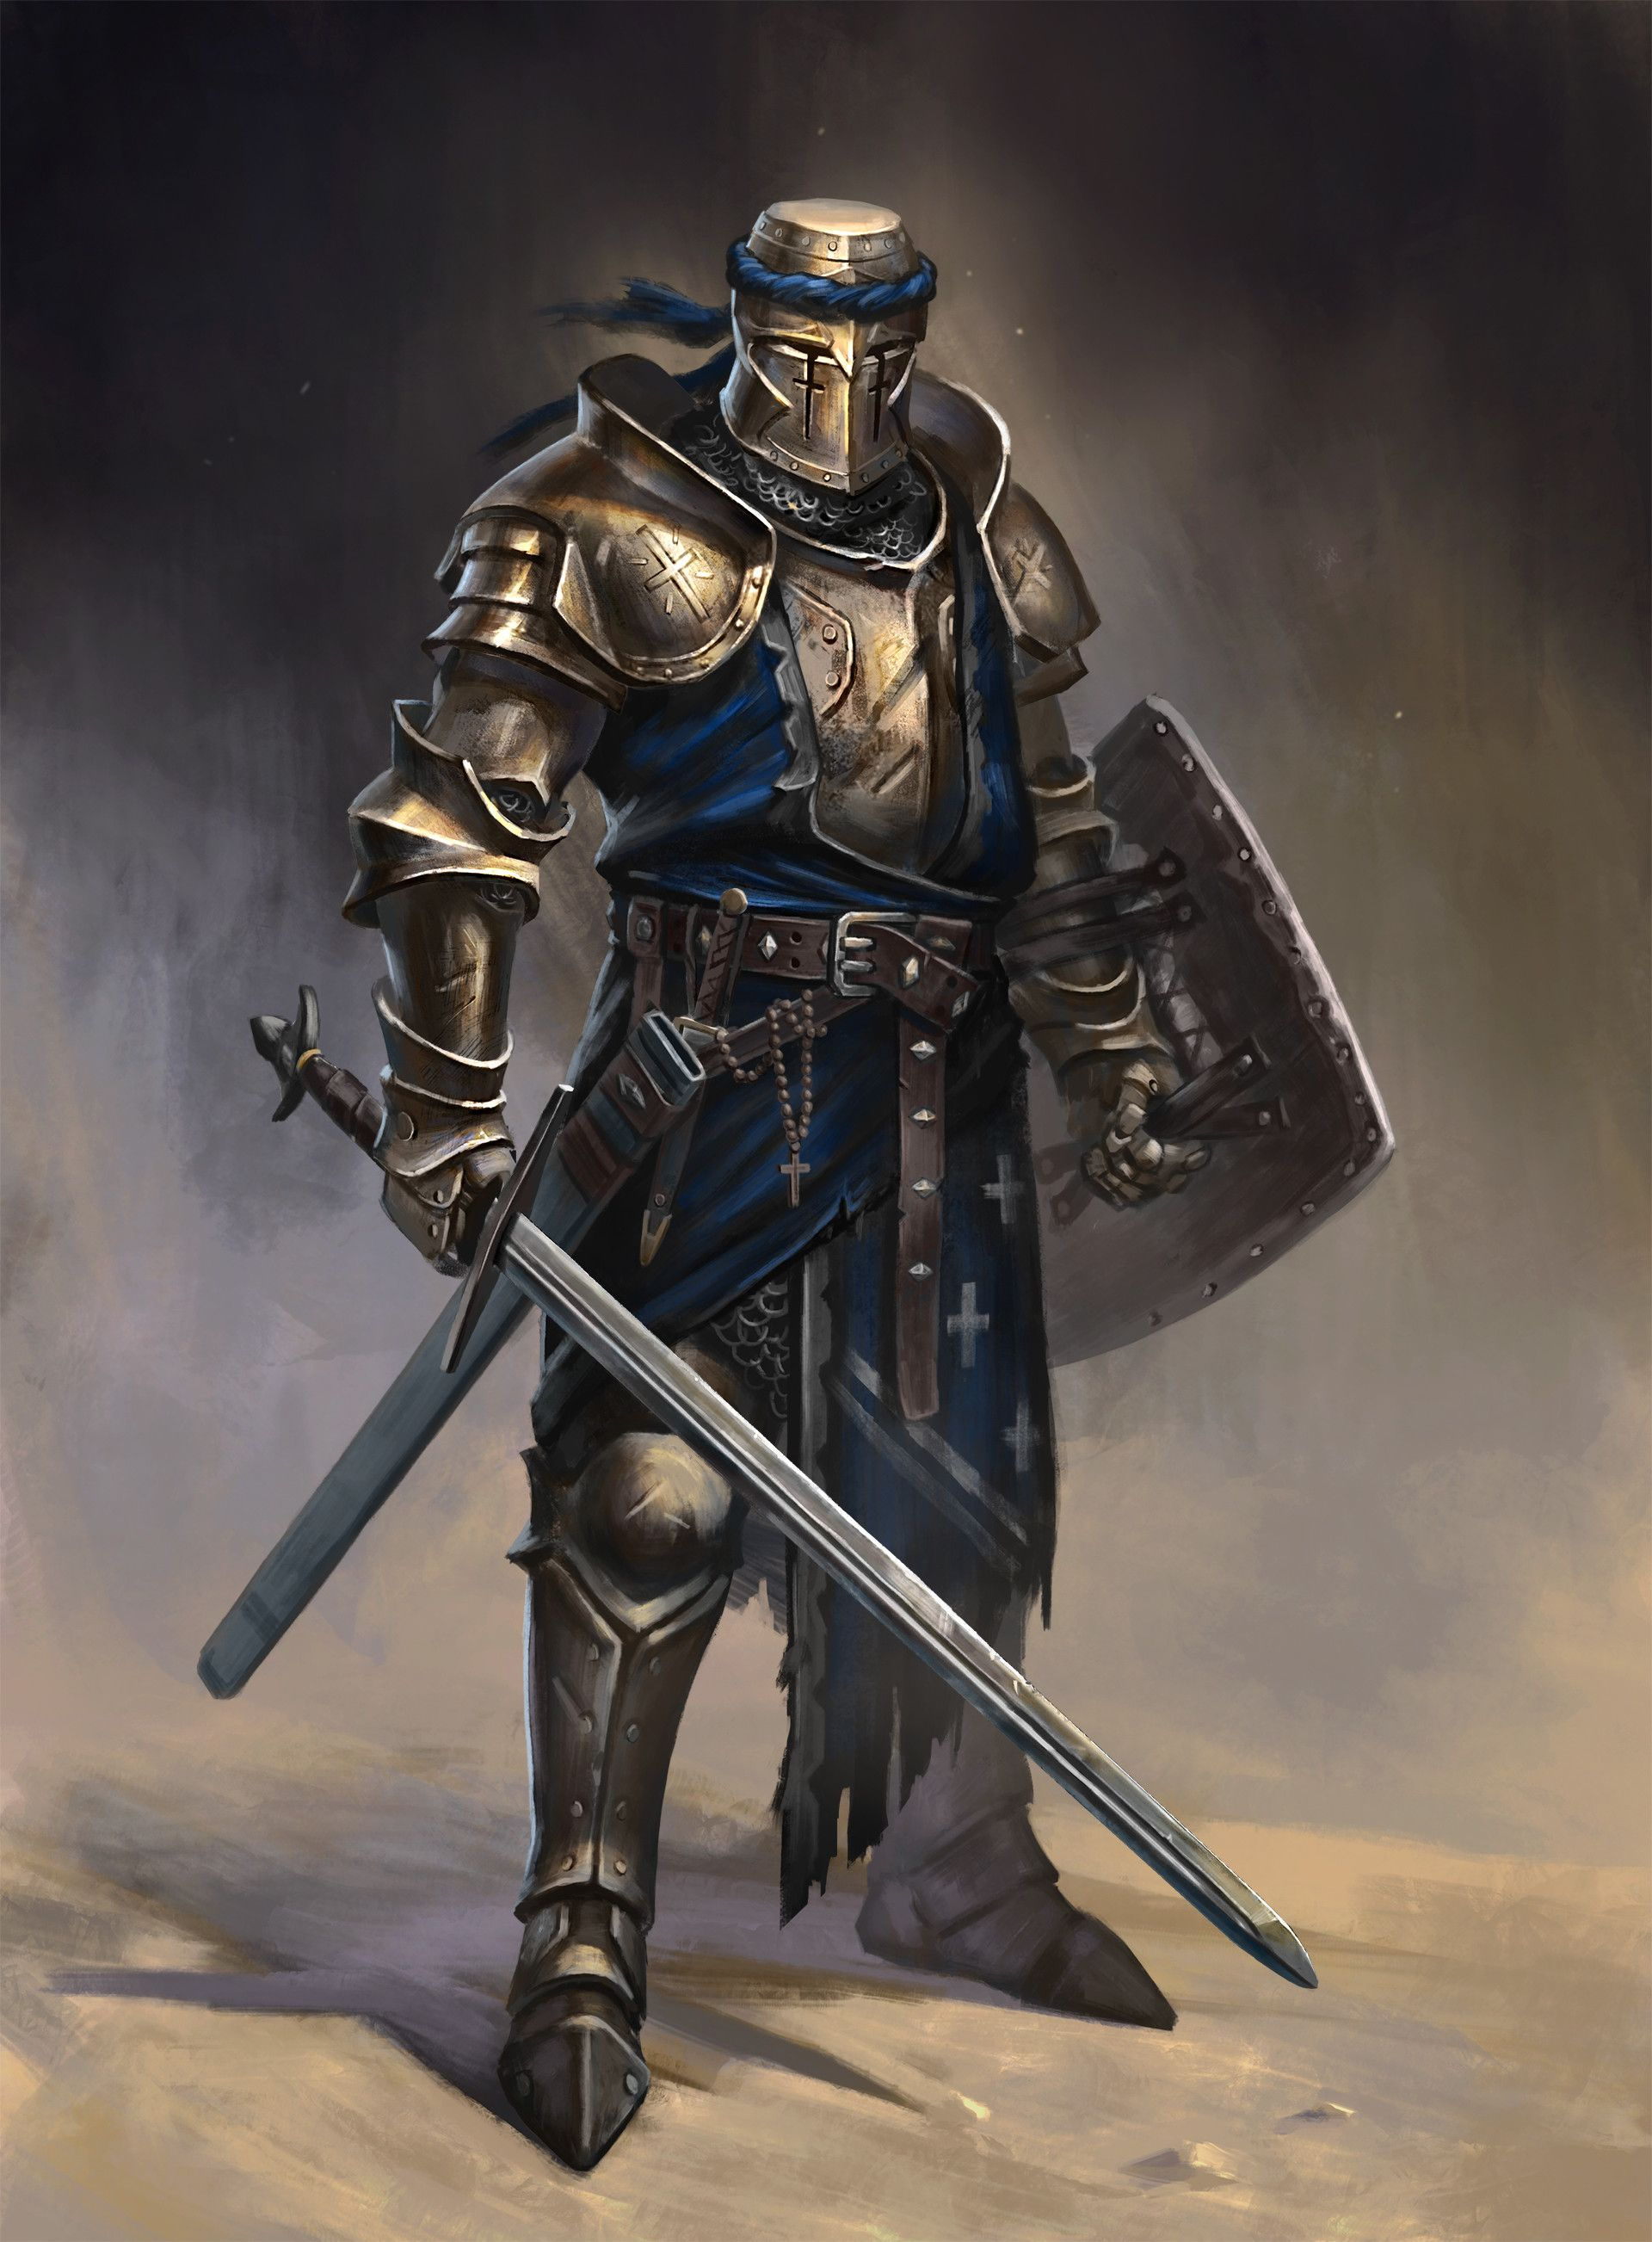 для кабинета рыцарь в латах картинки фэнтези является одной